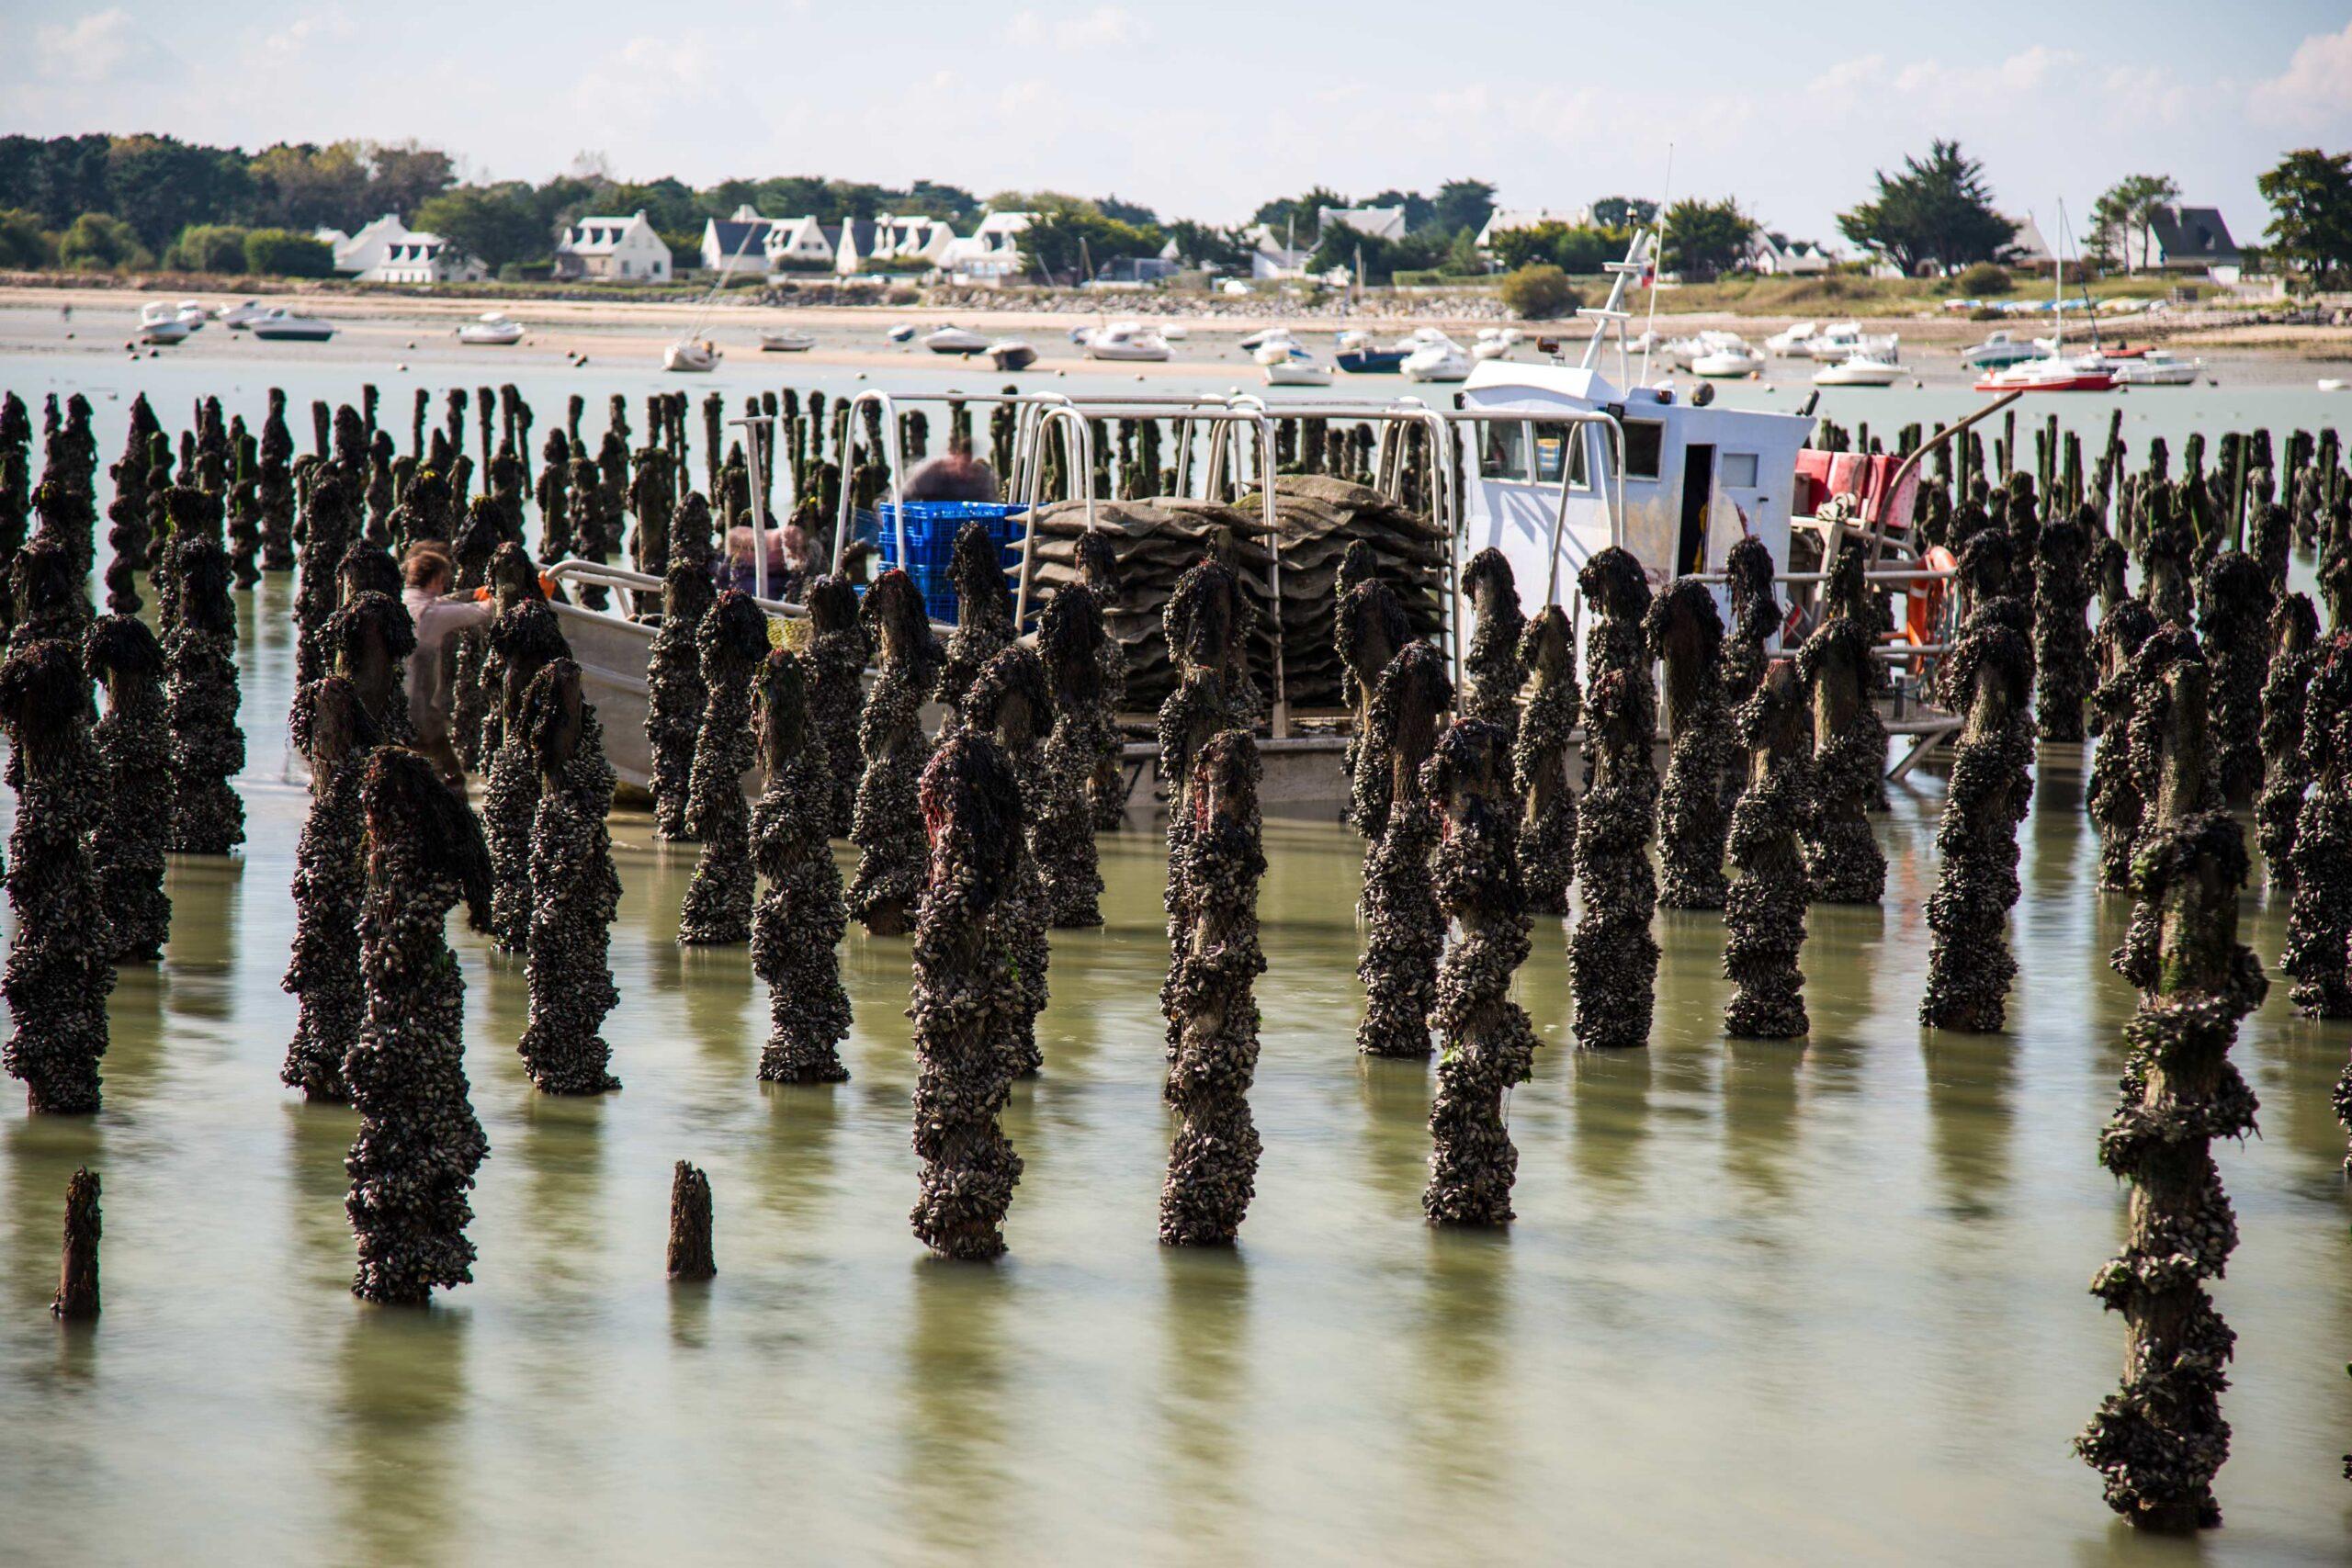 moules de mesquer scaled – Les huîtres de Mesquer Penbé